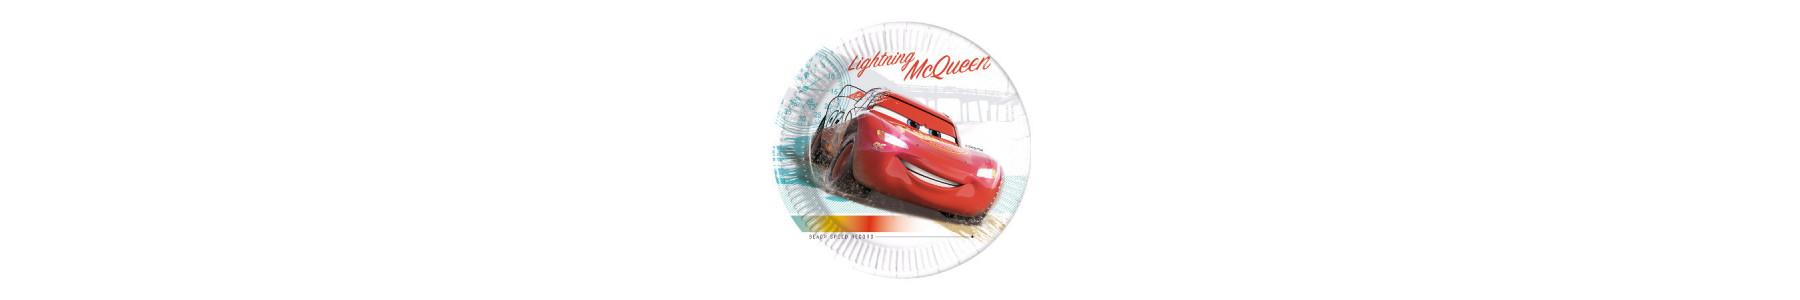 Articole de petrecere compostabile Cars High Speed